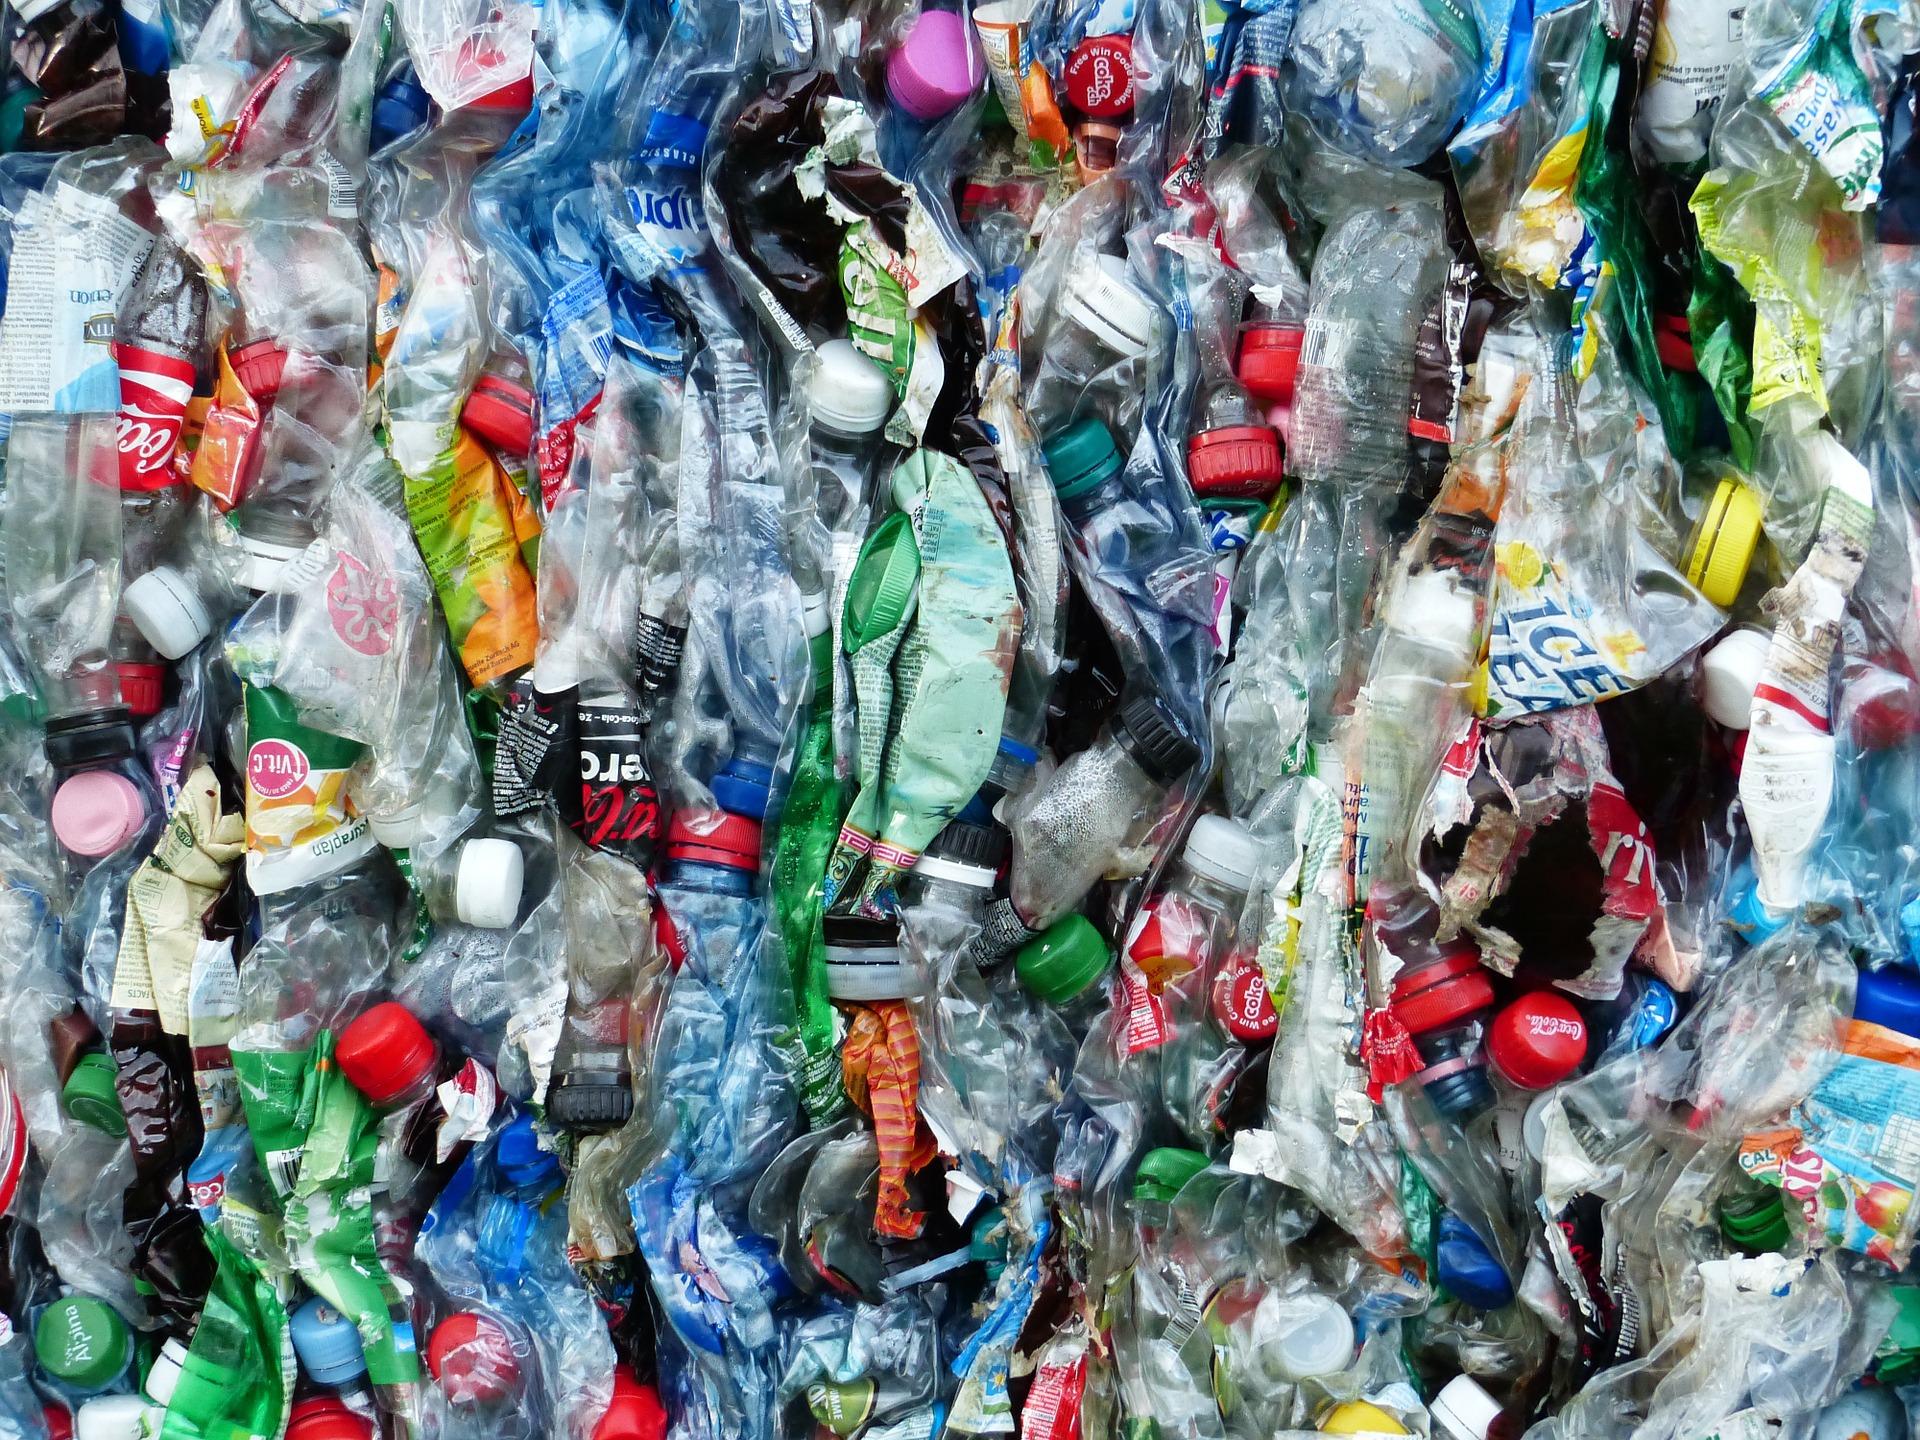 Zéro déchet La Rochelle : Illustration avec des bouteilles en plastiques